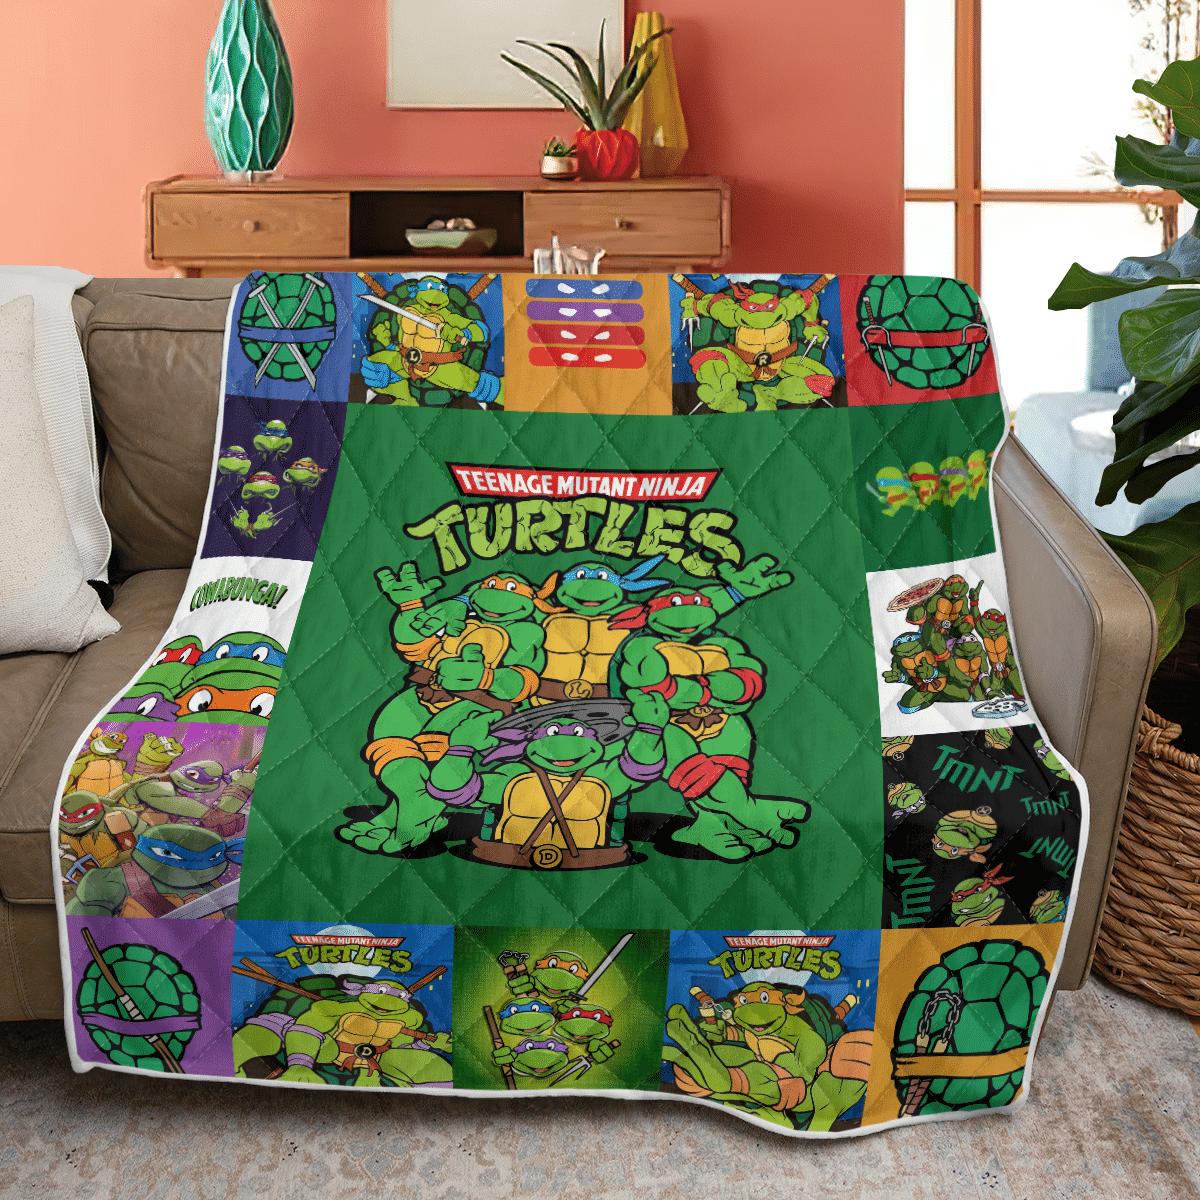 TMNT Teenage mutant ninja turtles Full Team Quilt blanket